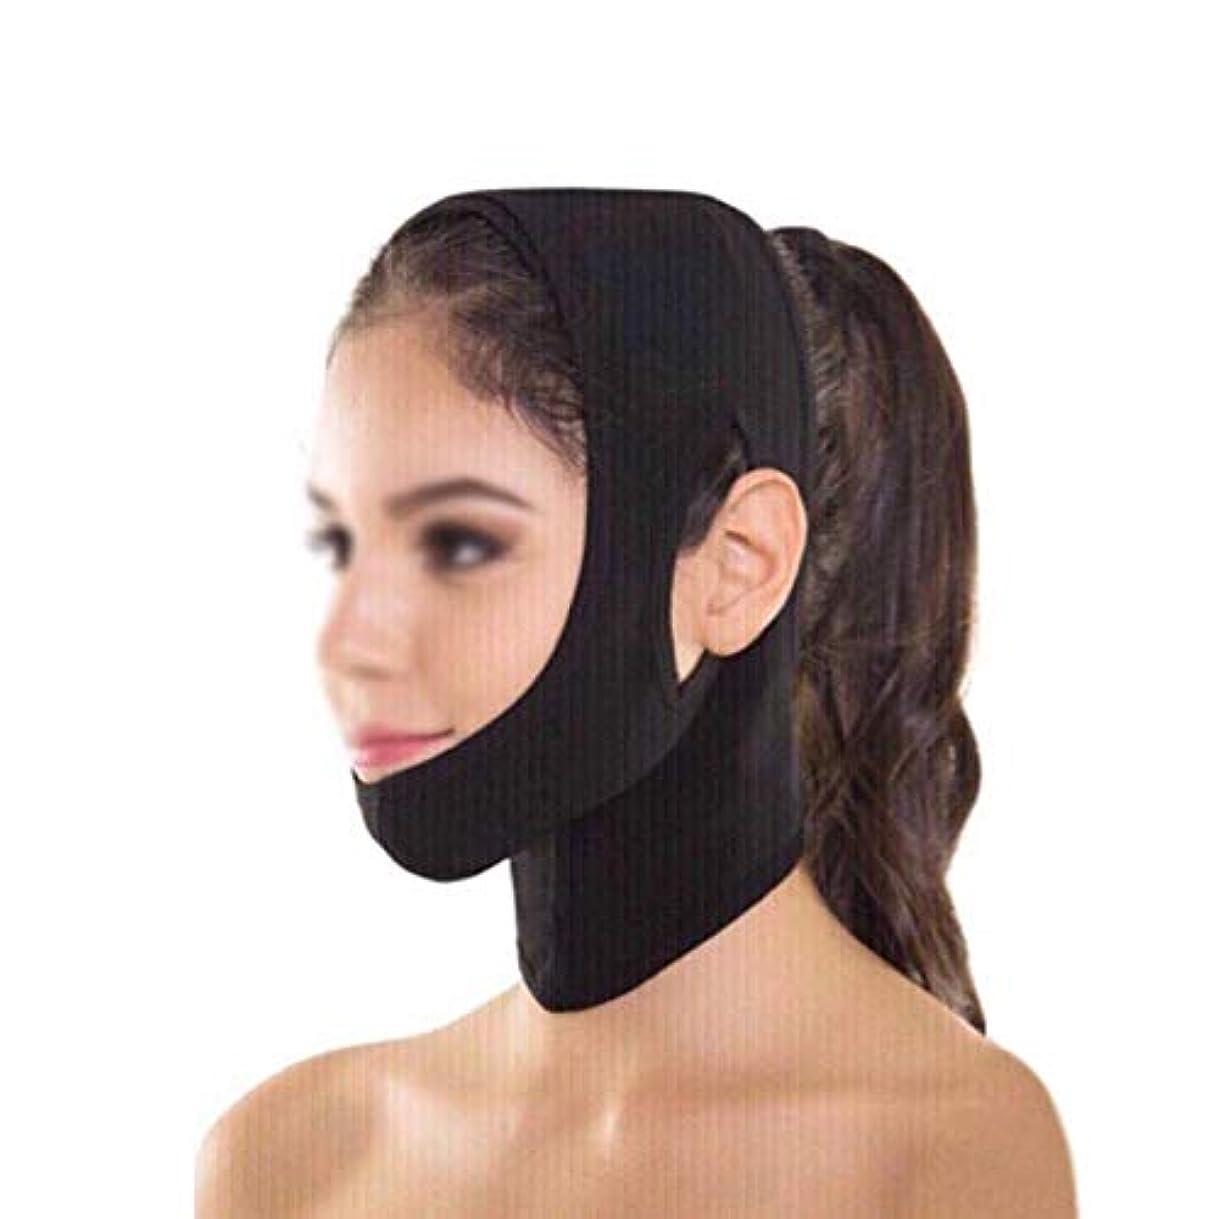 太いエリート病なフェイスリフティングバンデージ、フェイスリフティングマスク、顔面の首と首を持ち上げる、顔を持ち上げて二重あごを減らす(フリーサイズ)(カラー:カーキ色),ブラック